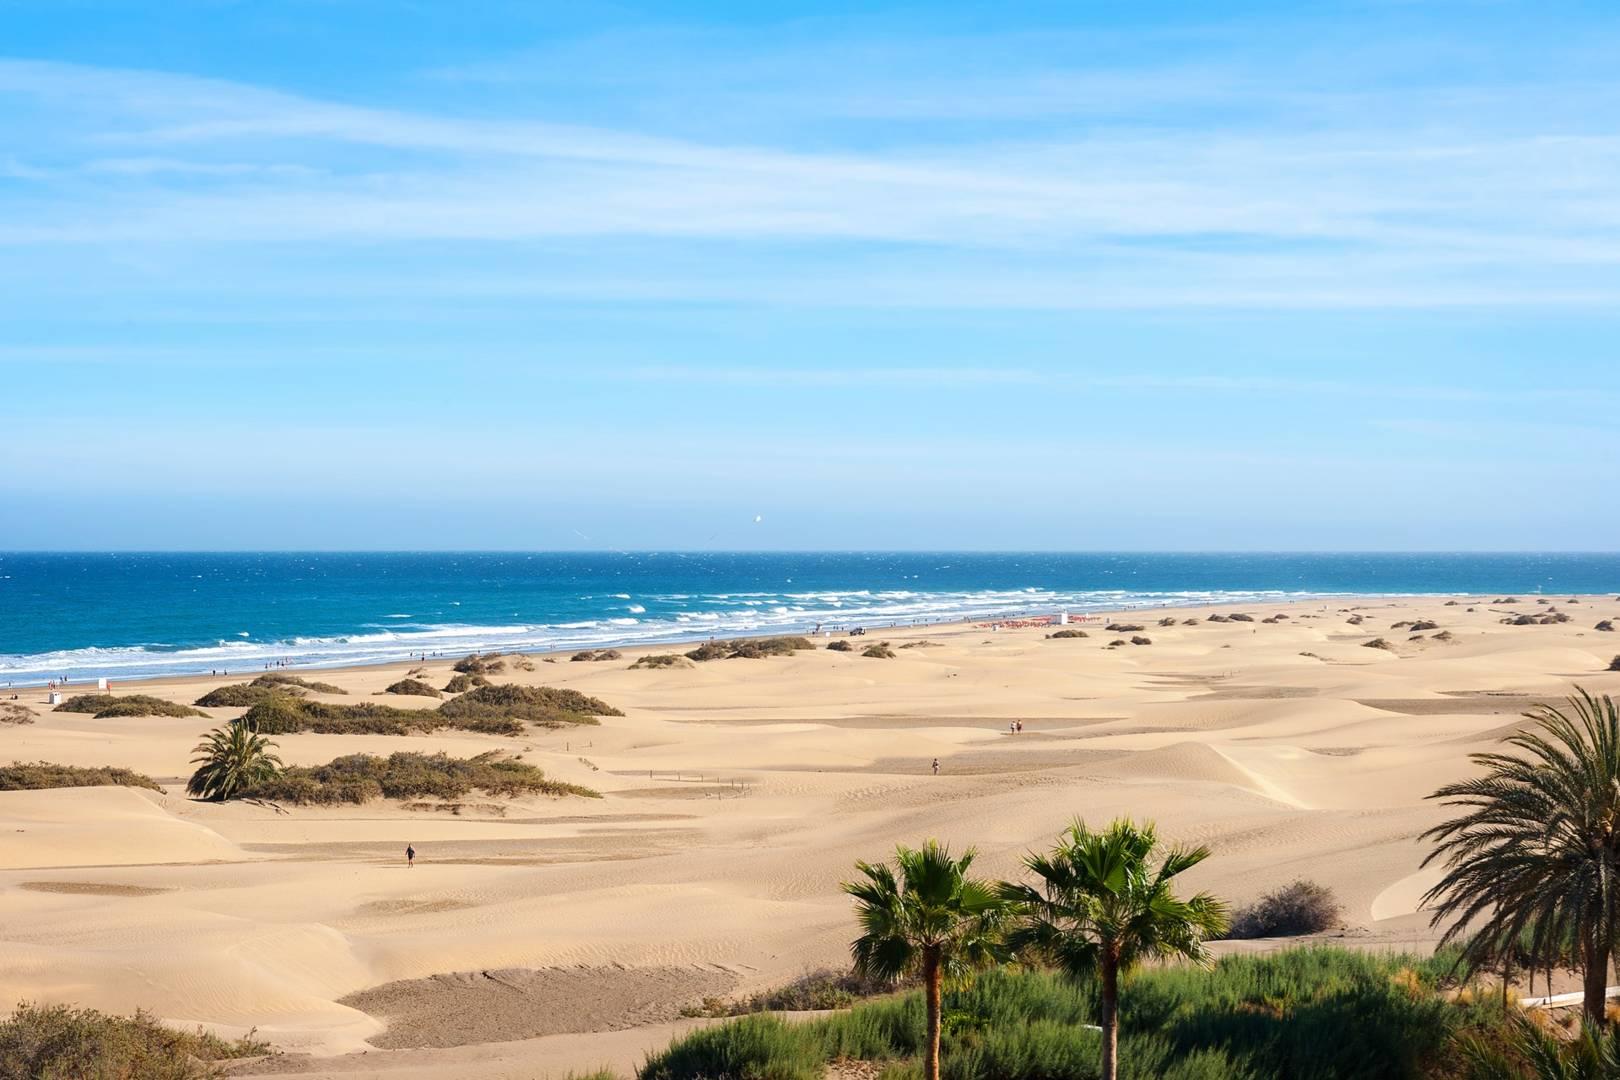 Ferien in Gran Canaria und Alicante: Unberührte Strände